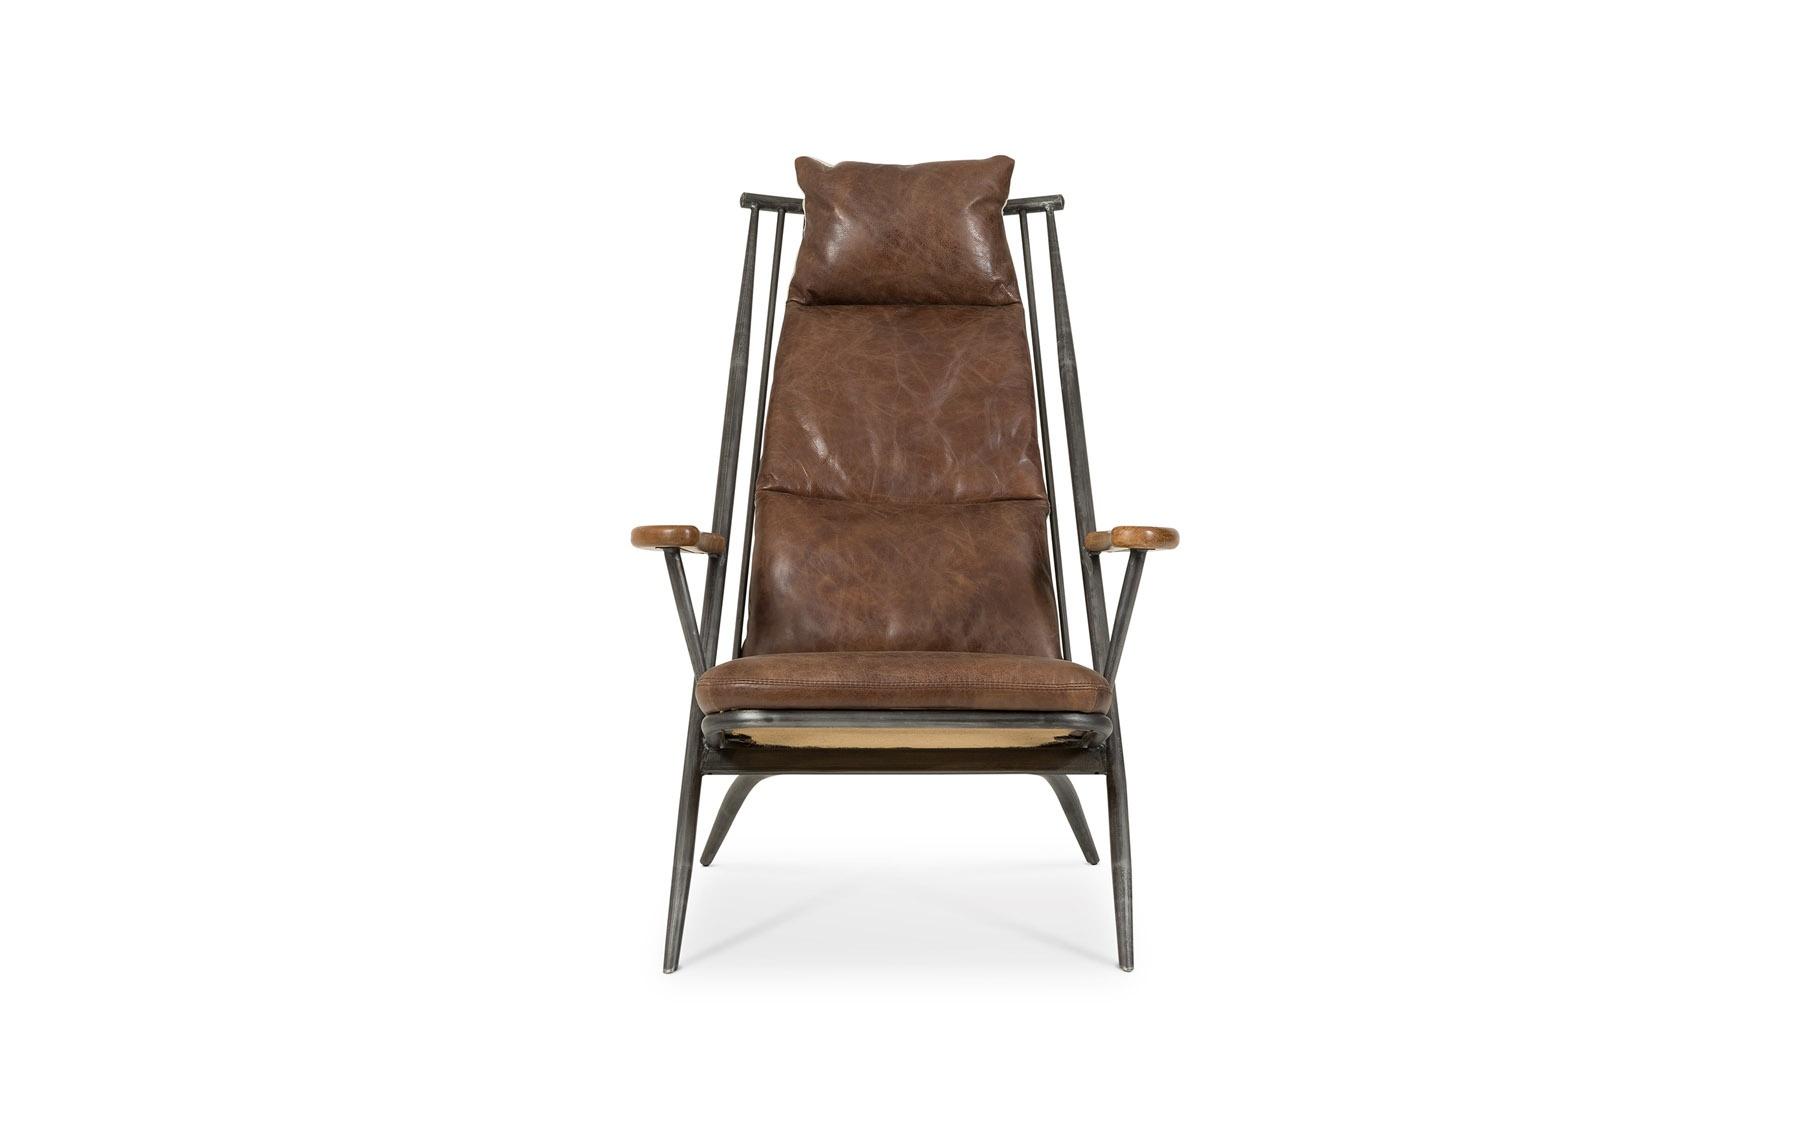 Fauteuil cuir c944 fauteuils salons la galerie du meuble for Gallerie du meuble